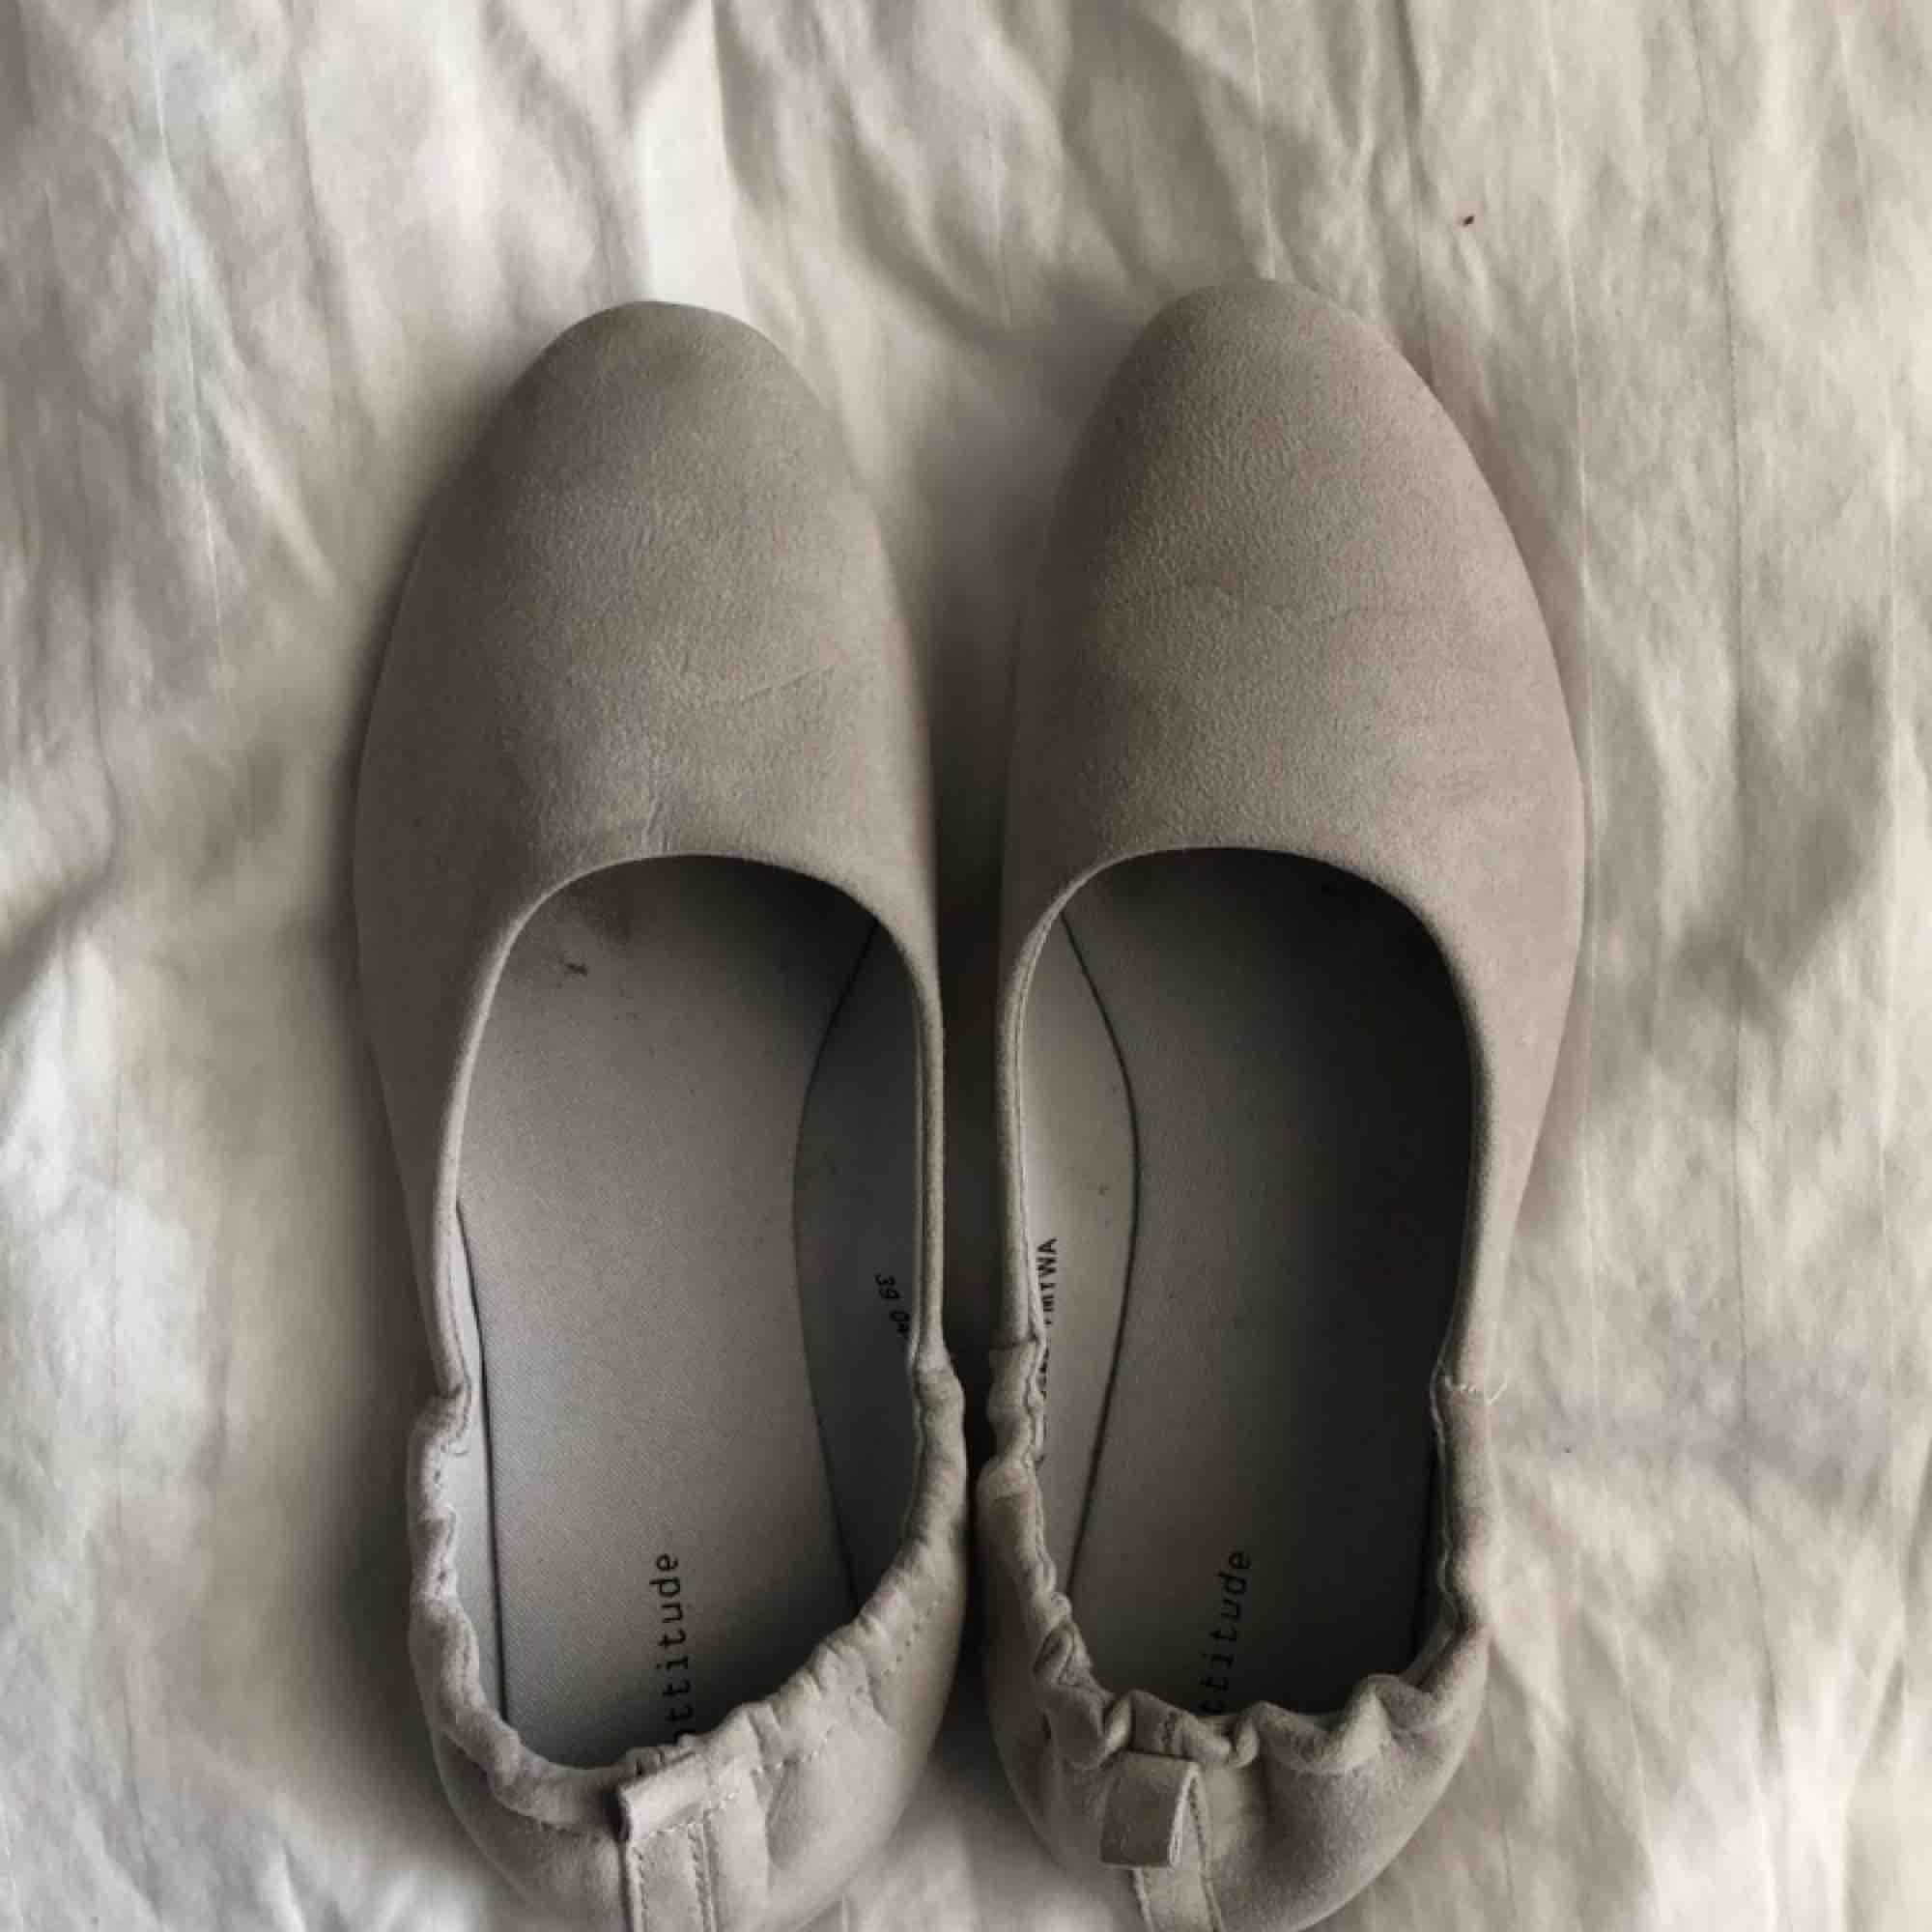 Ballerina skor som används 1 gång på min bal, säljer pga att det inte är min typ av sko. Skor.